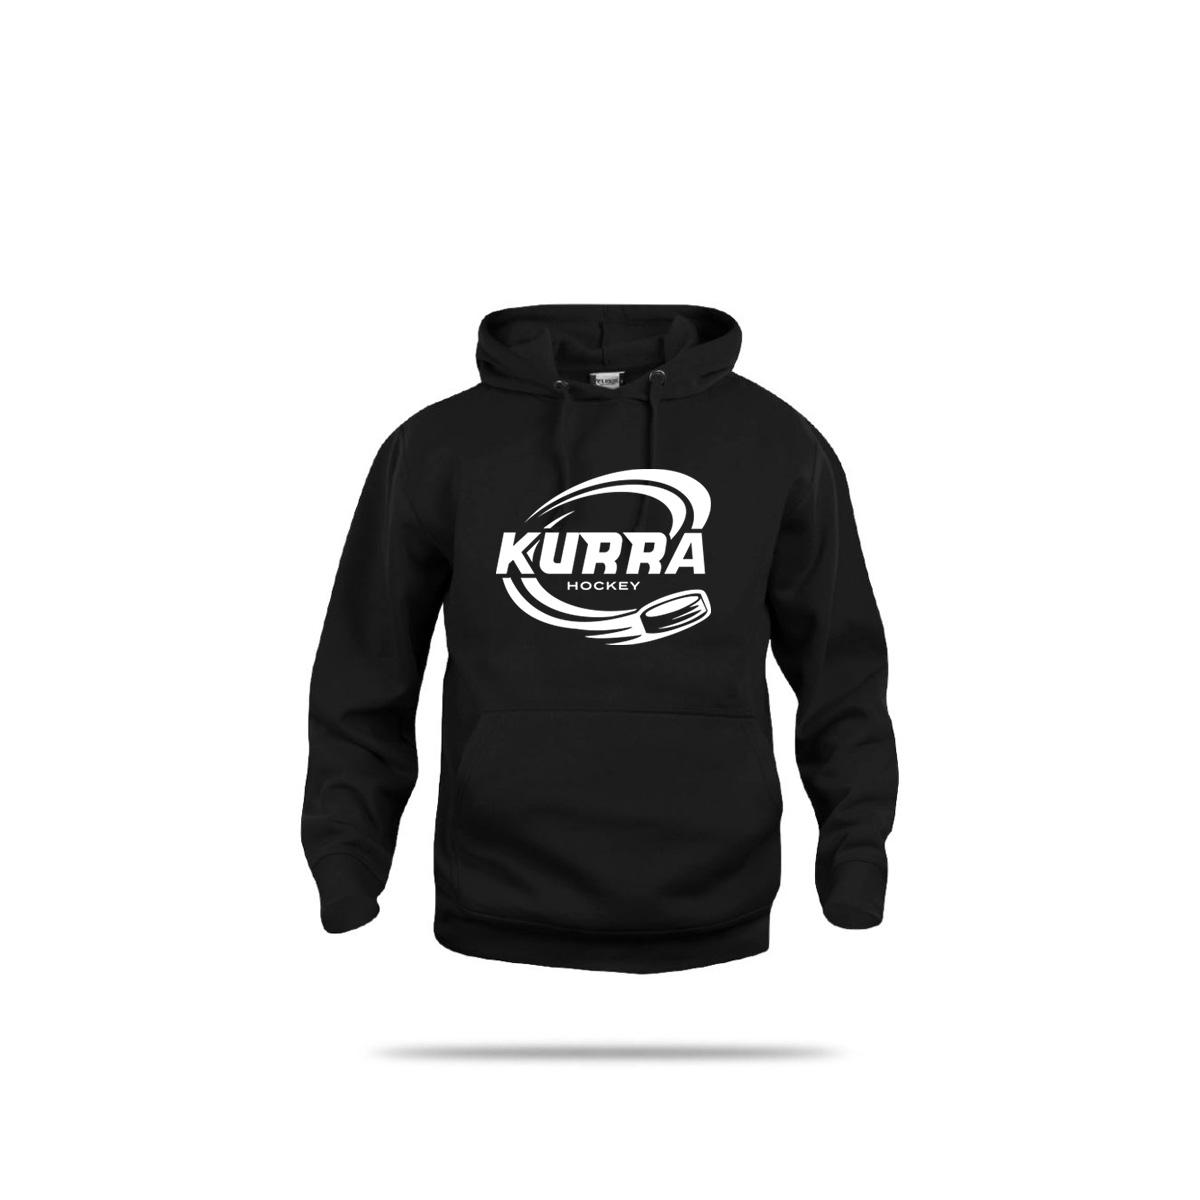 Kurra-Mono-3026-musta